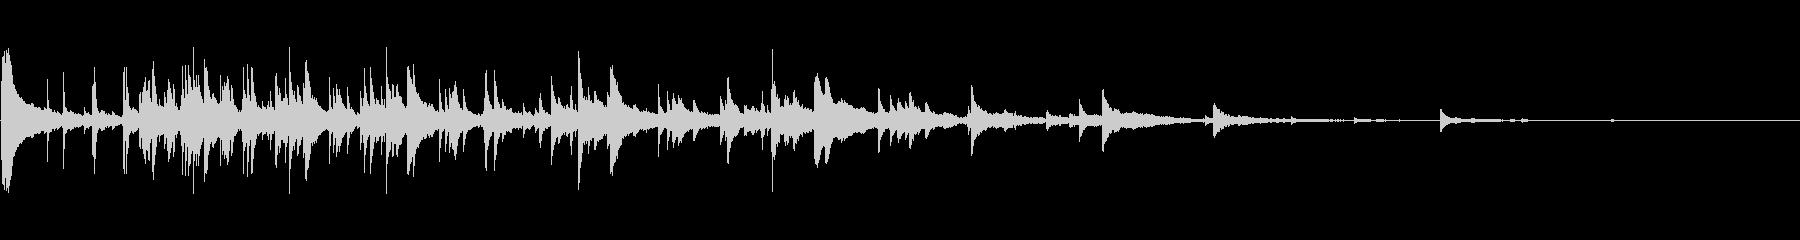 ベルチャイムリング1の未再生の波形